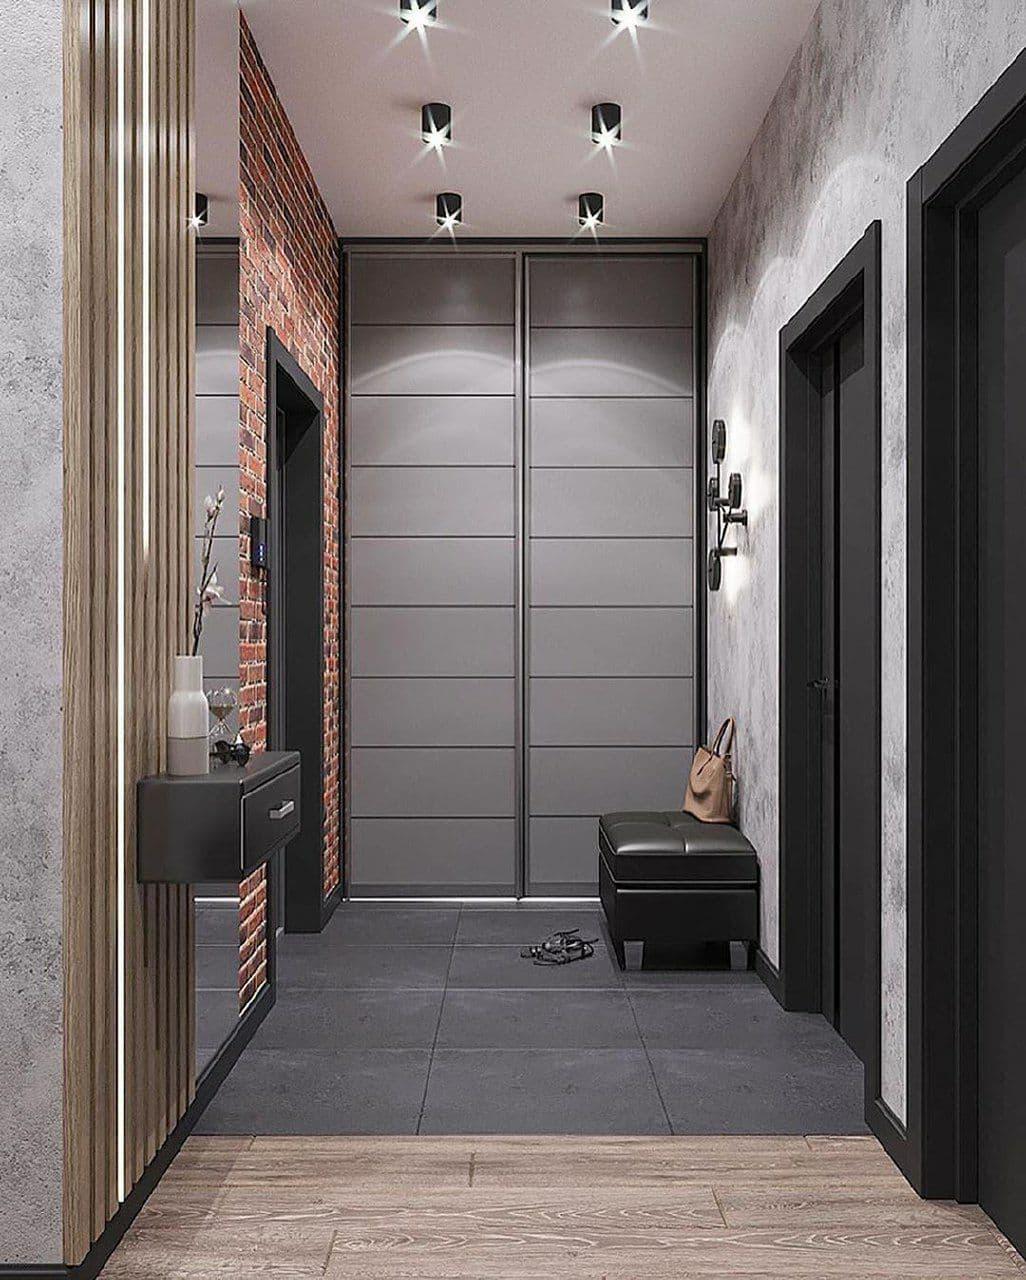 Встроенный шкаф купе, двери до потолка. Натяжной потолок подходит впритык к наличникам. Зонирование зоны прихожей и гостиной.